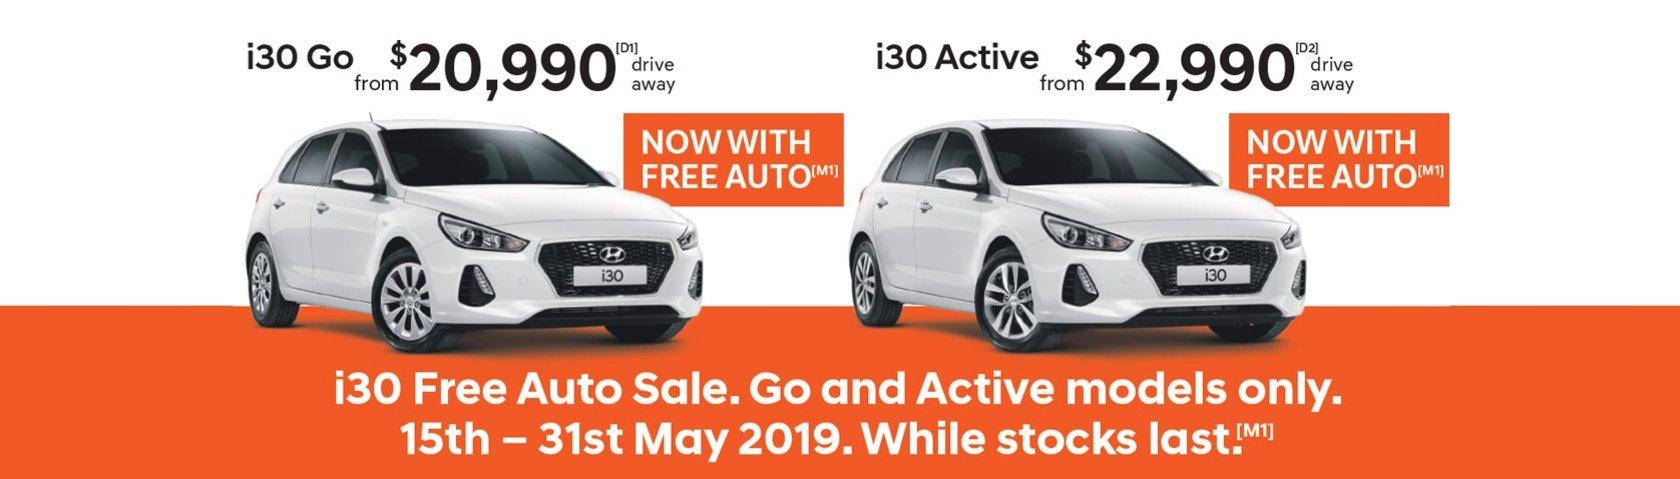 Hyundai i30 Sale